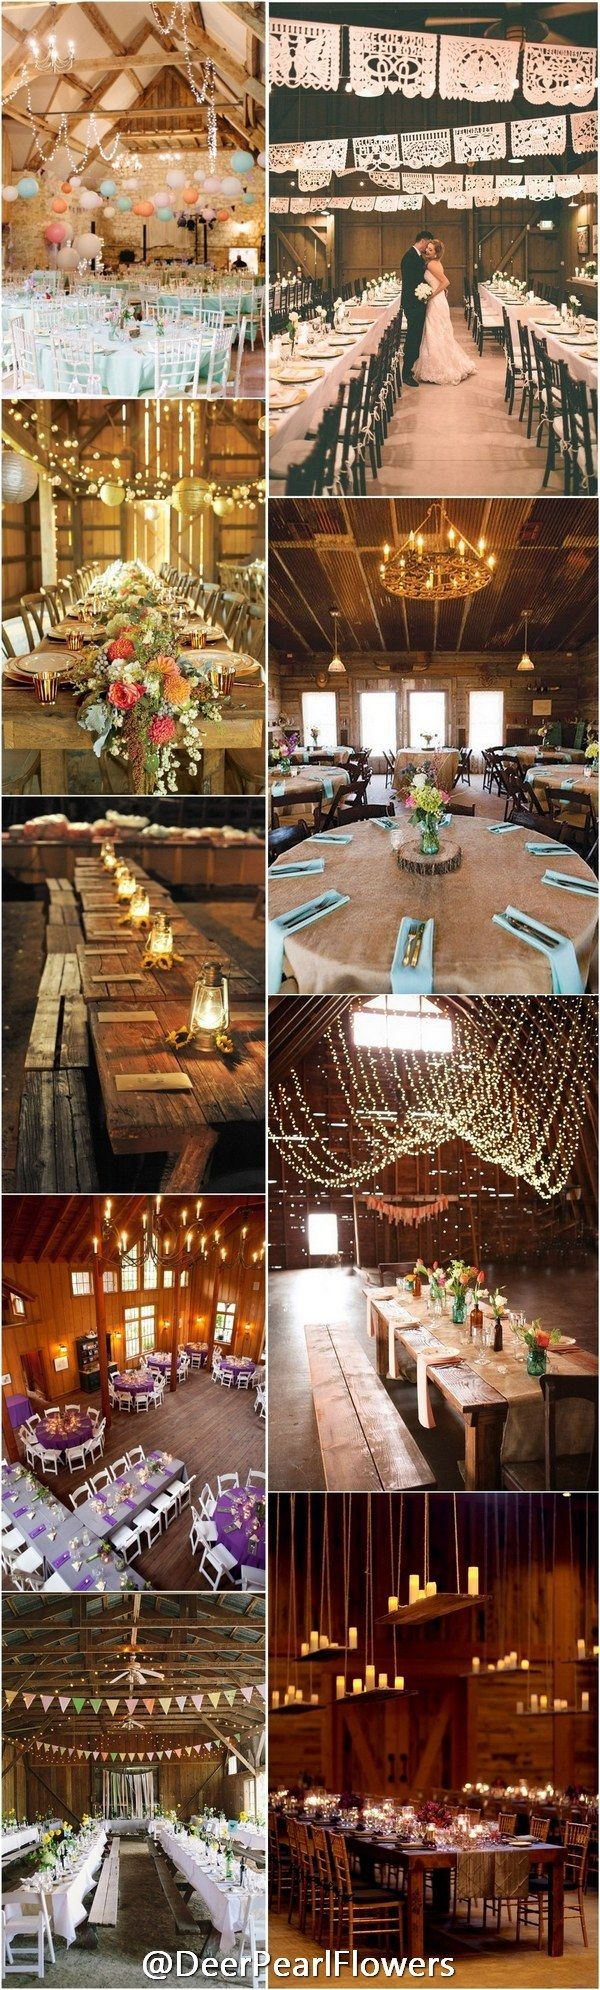 Rustic fall wedding ideas - Rustic Barn Wedding Reception Table Setting Ideas / http://www.deerpearlflowers.com/barn-wedding-reception-table-decoration/